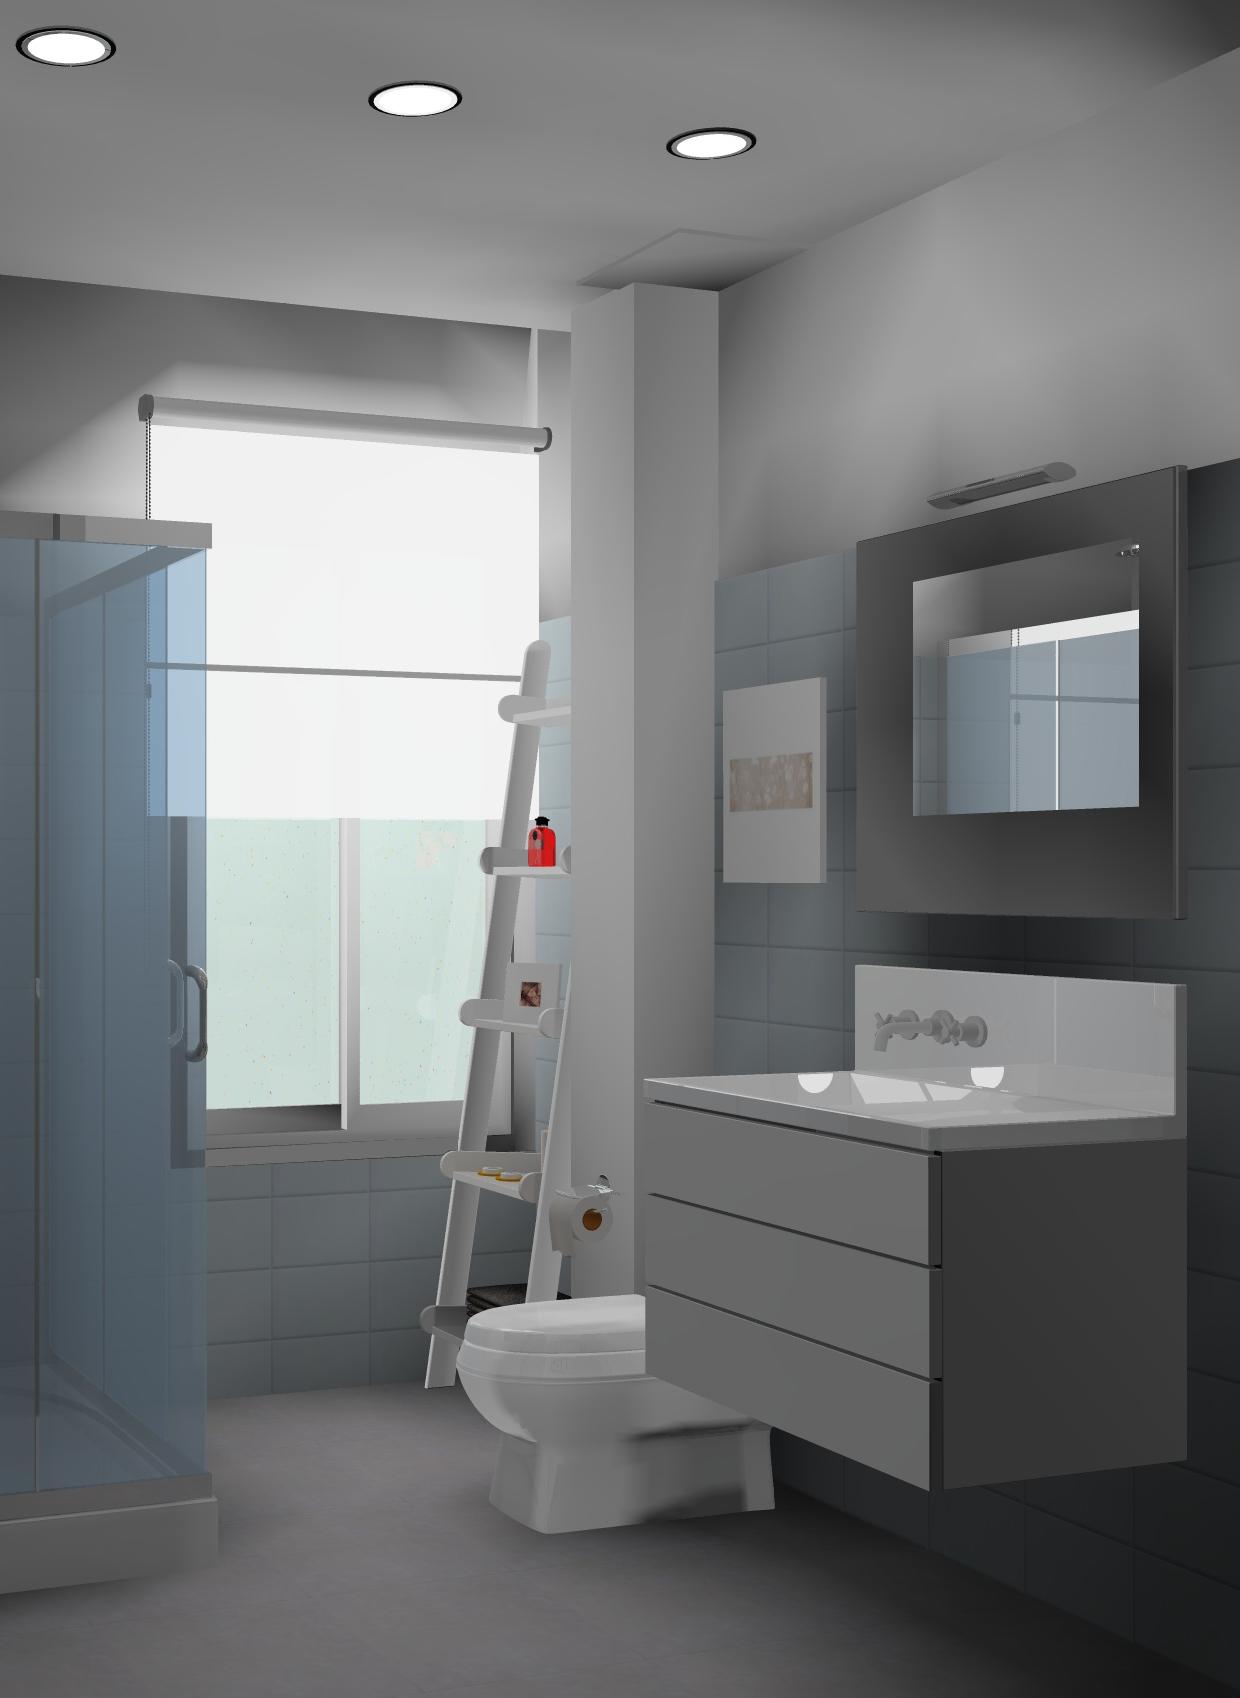 Cuarto de baño diseñado por Designers in-home , recuperación de un baño en un piso de los años 70's, queremos dar la sensación de amplitud